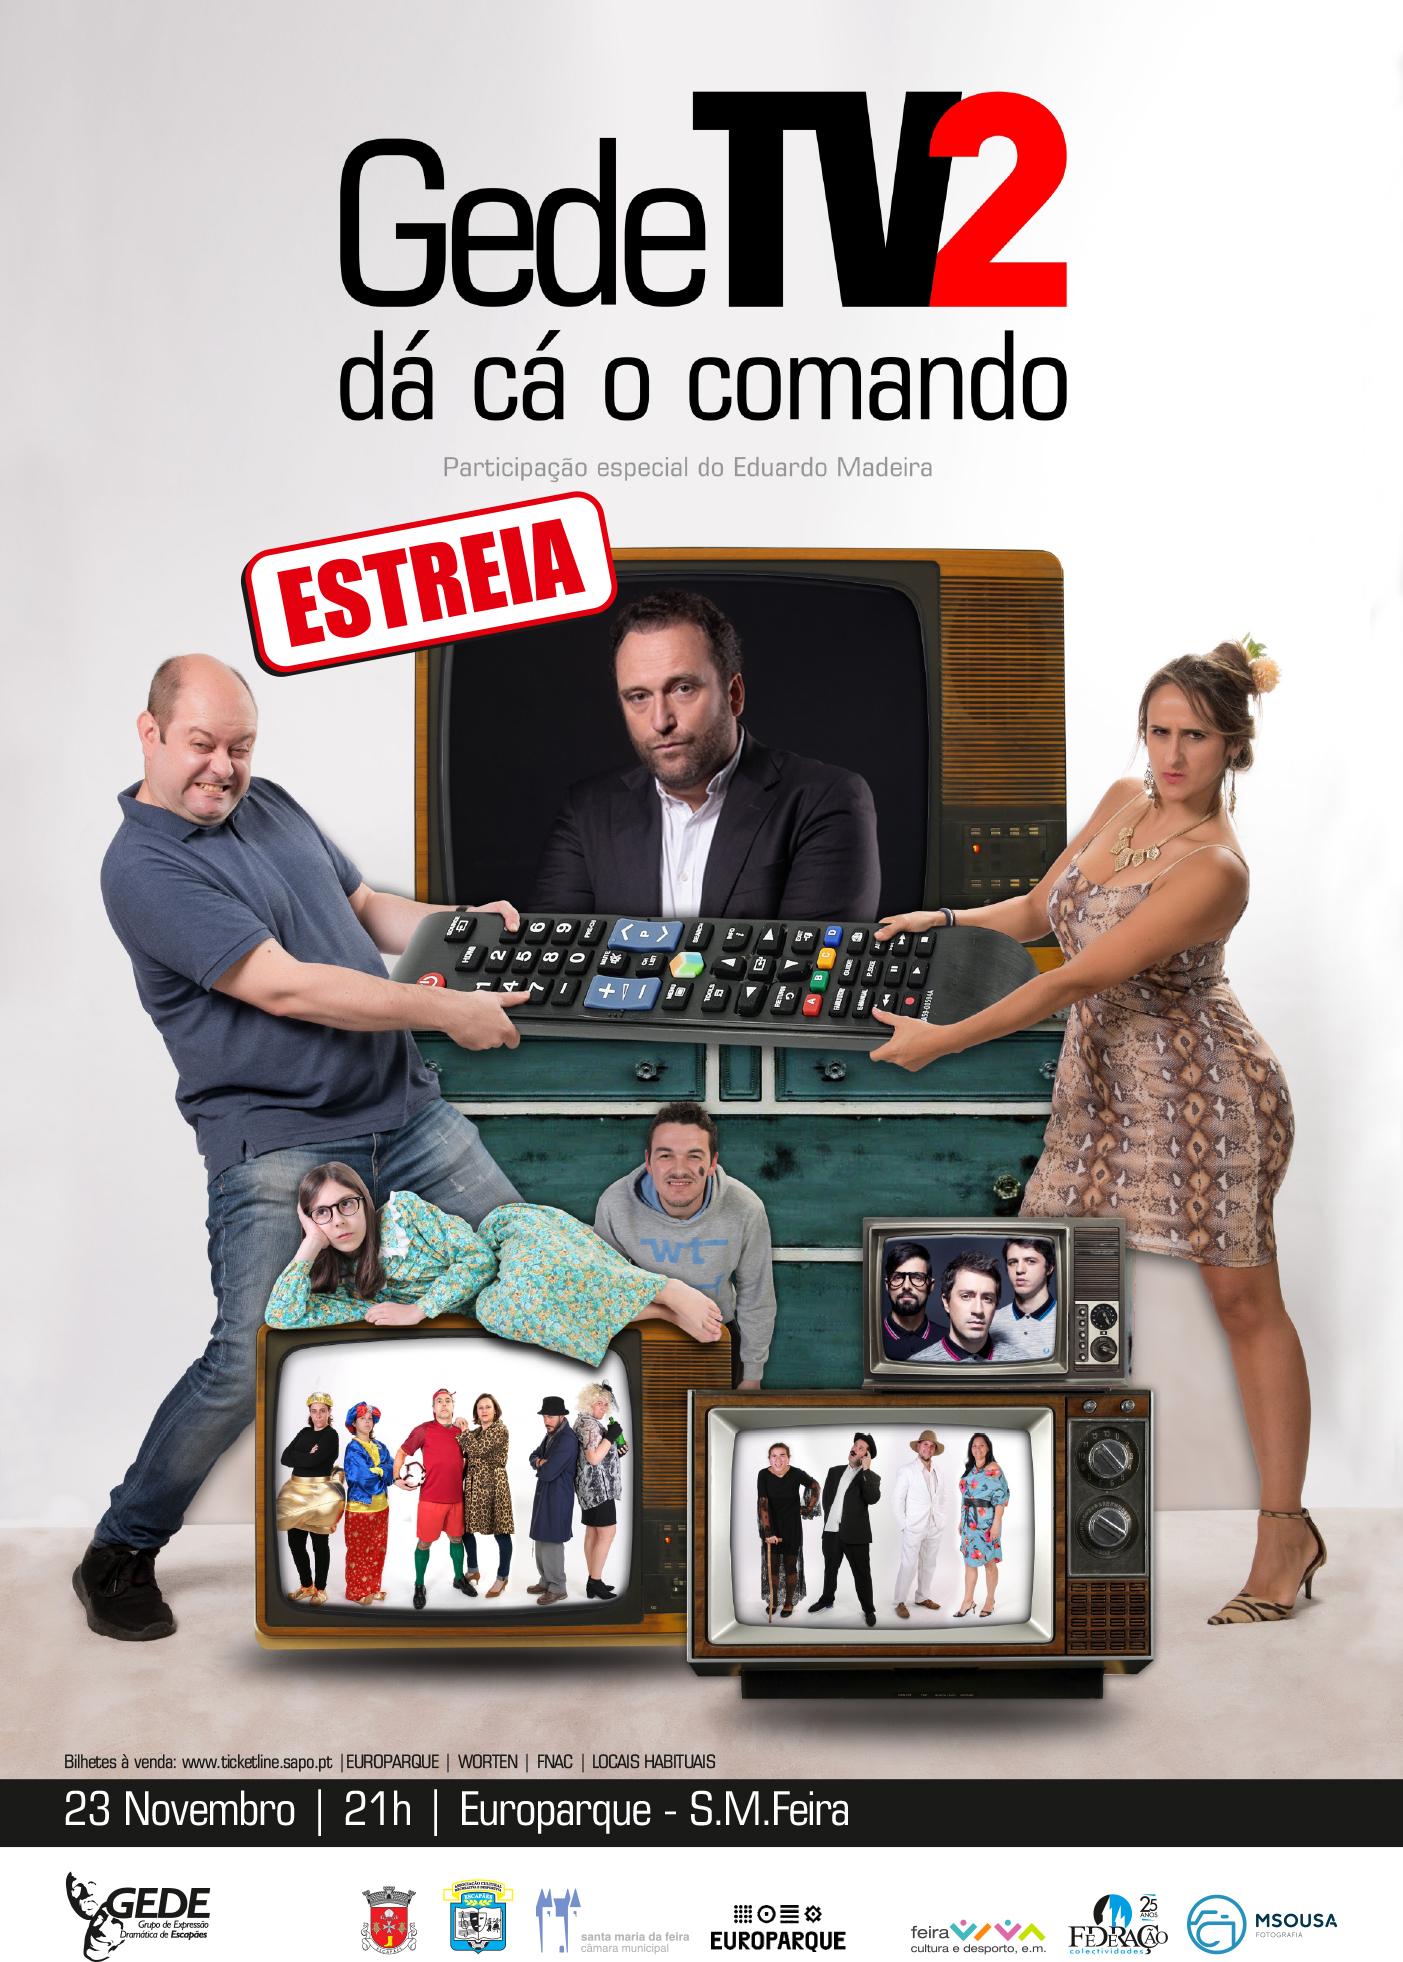 GEDE TV Dá Cá O Comando 2